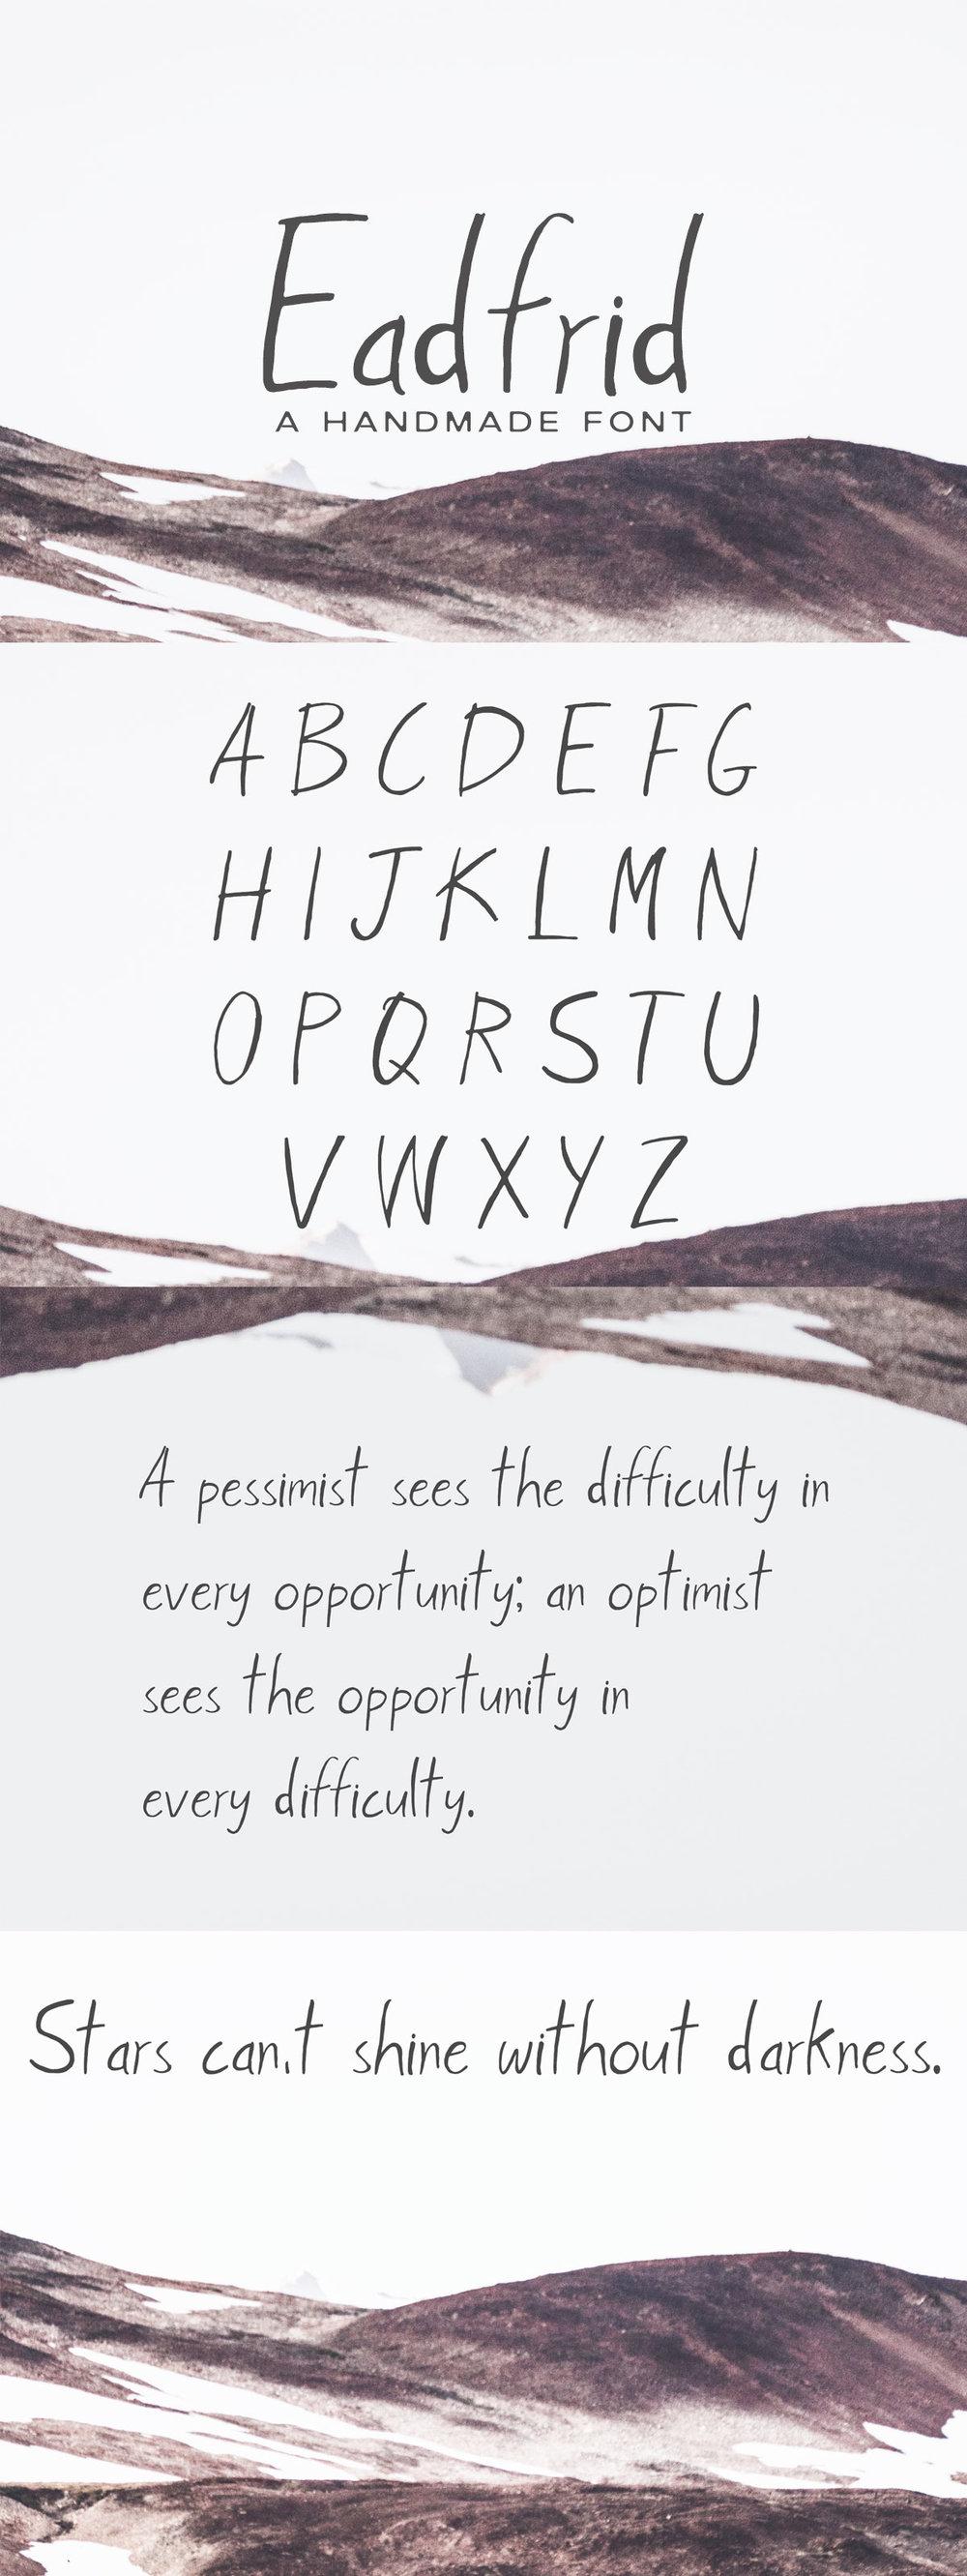 Free Eadrifd #Handmade #Font is a #modern straight handwritten brush font.